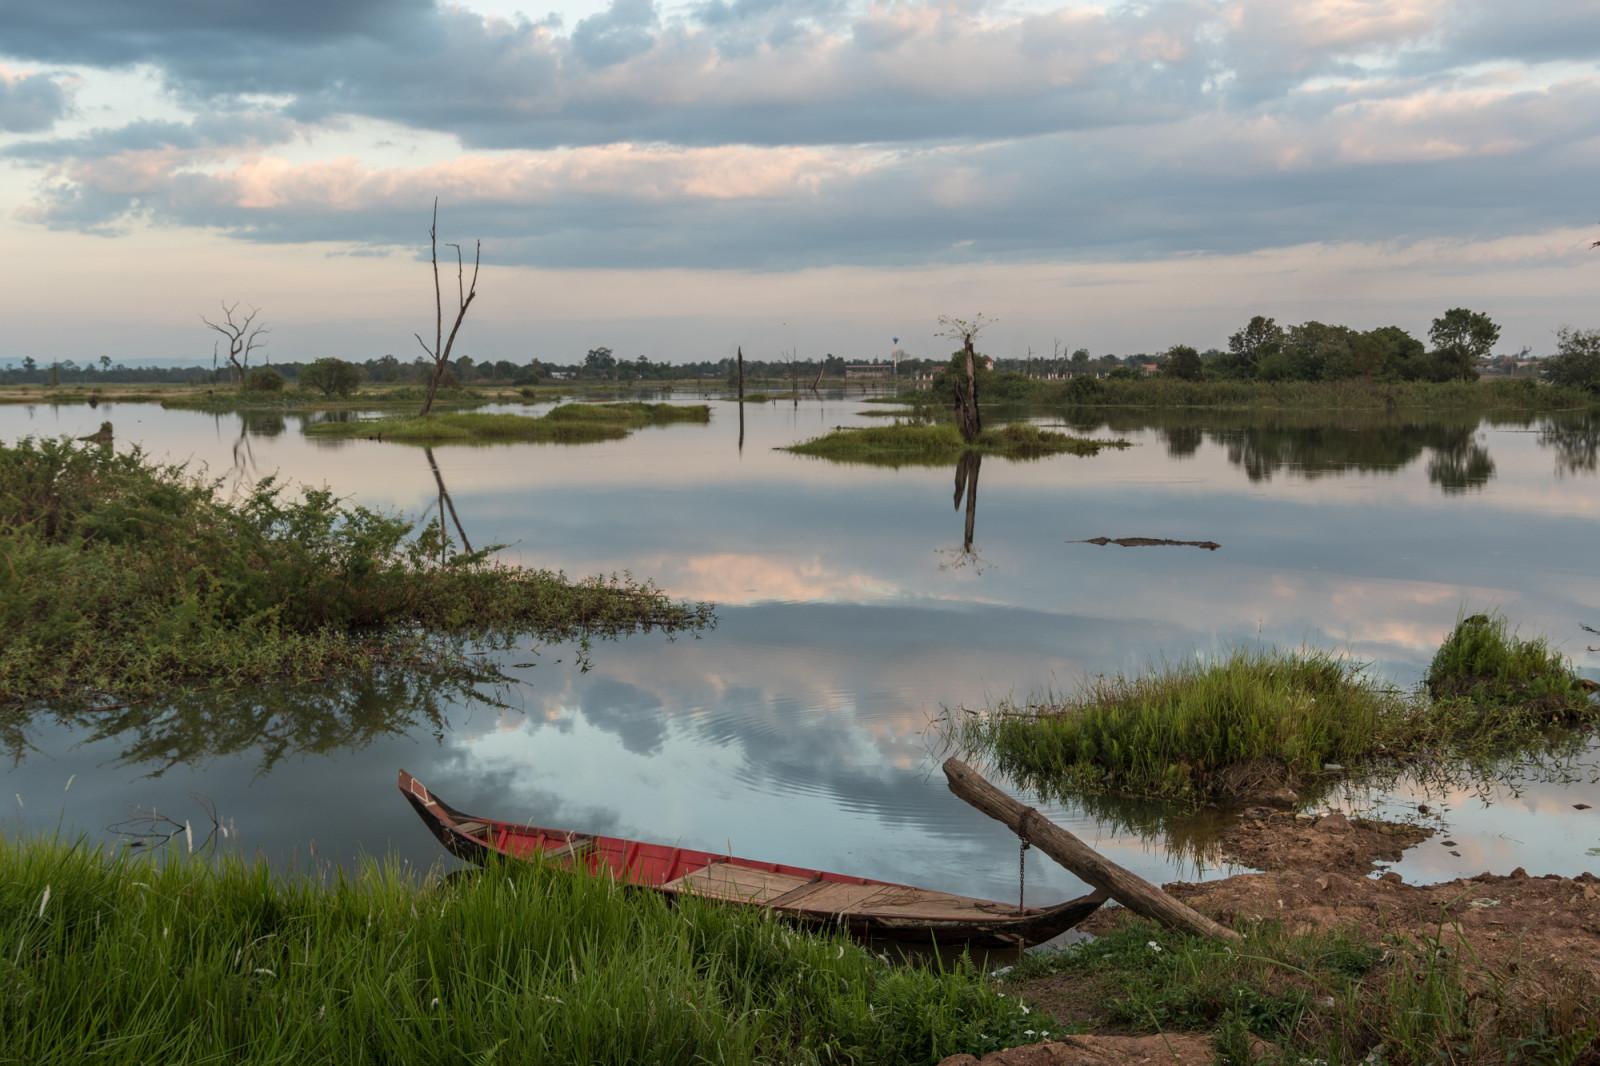 cambodia-photo-tours-ta-mok-lake-1